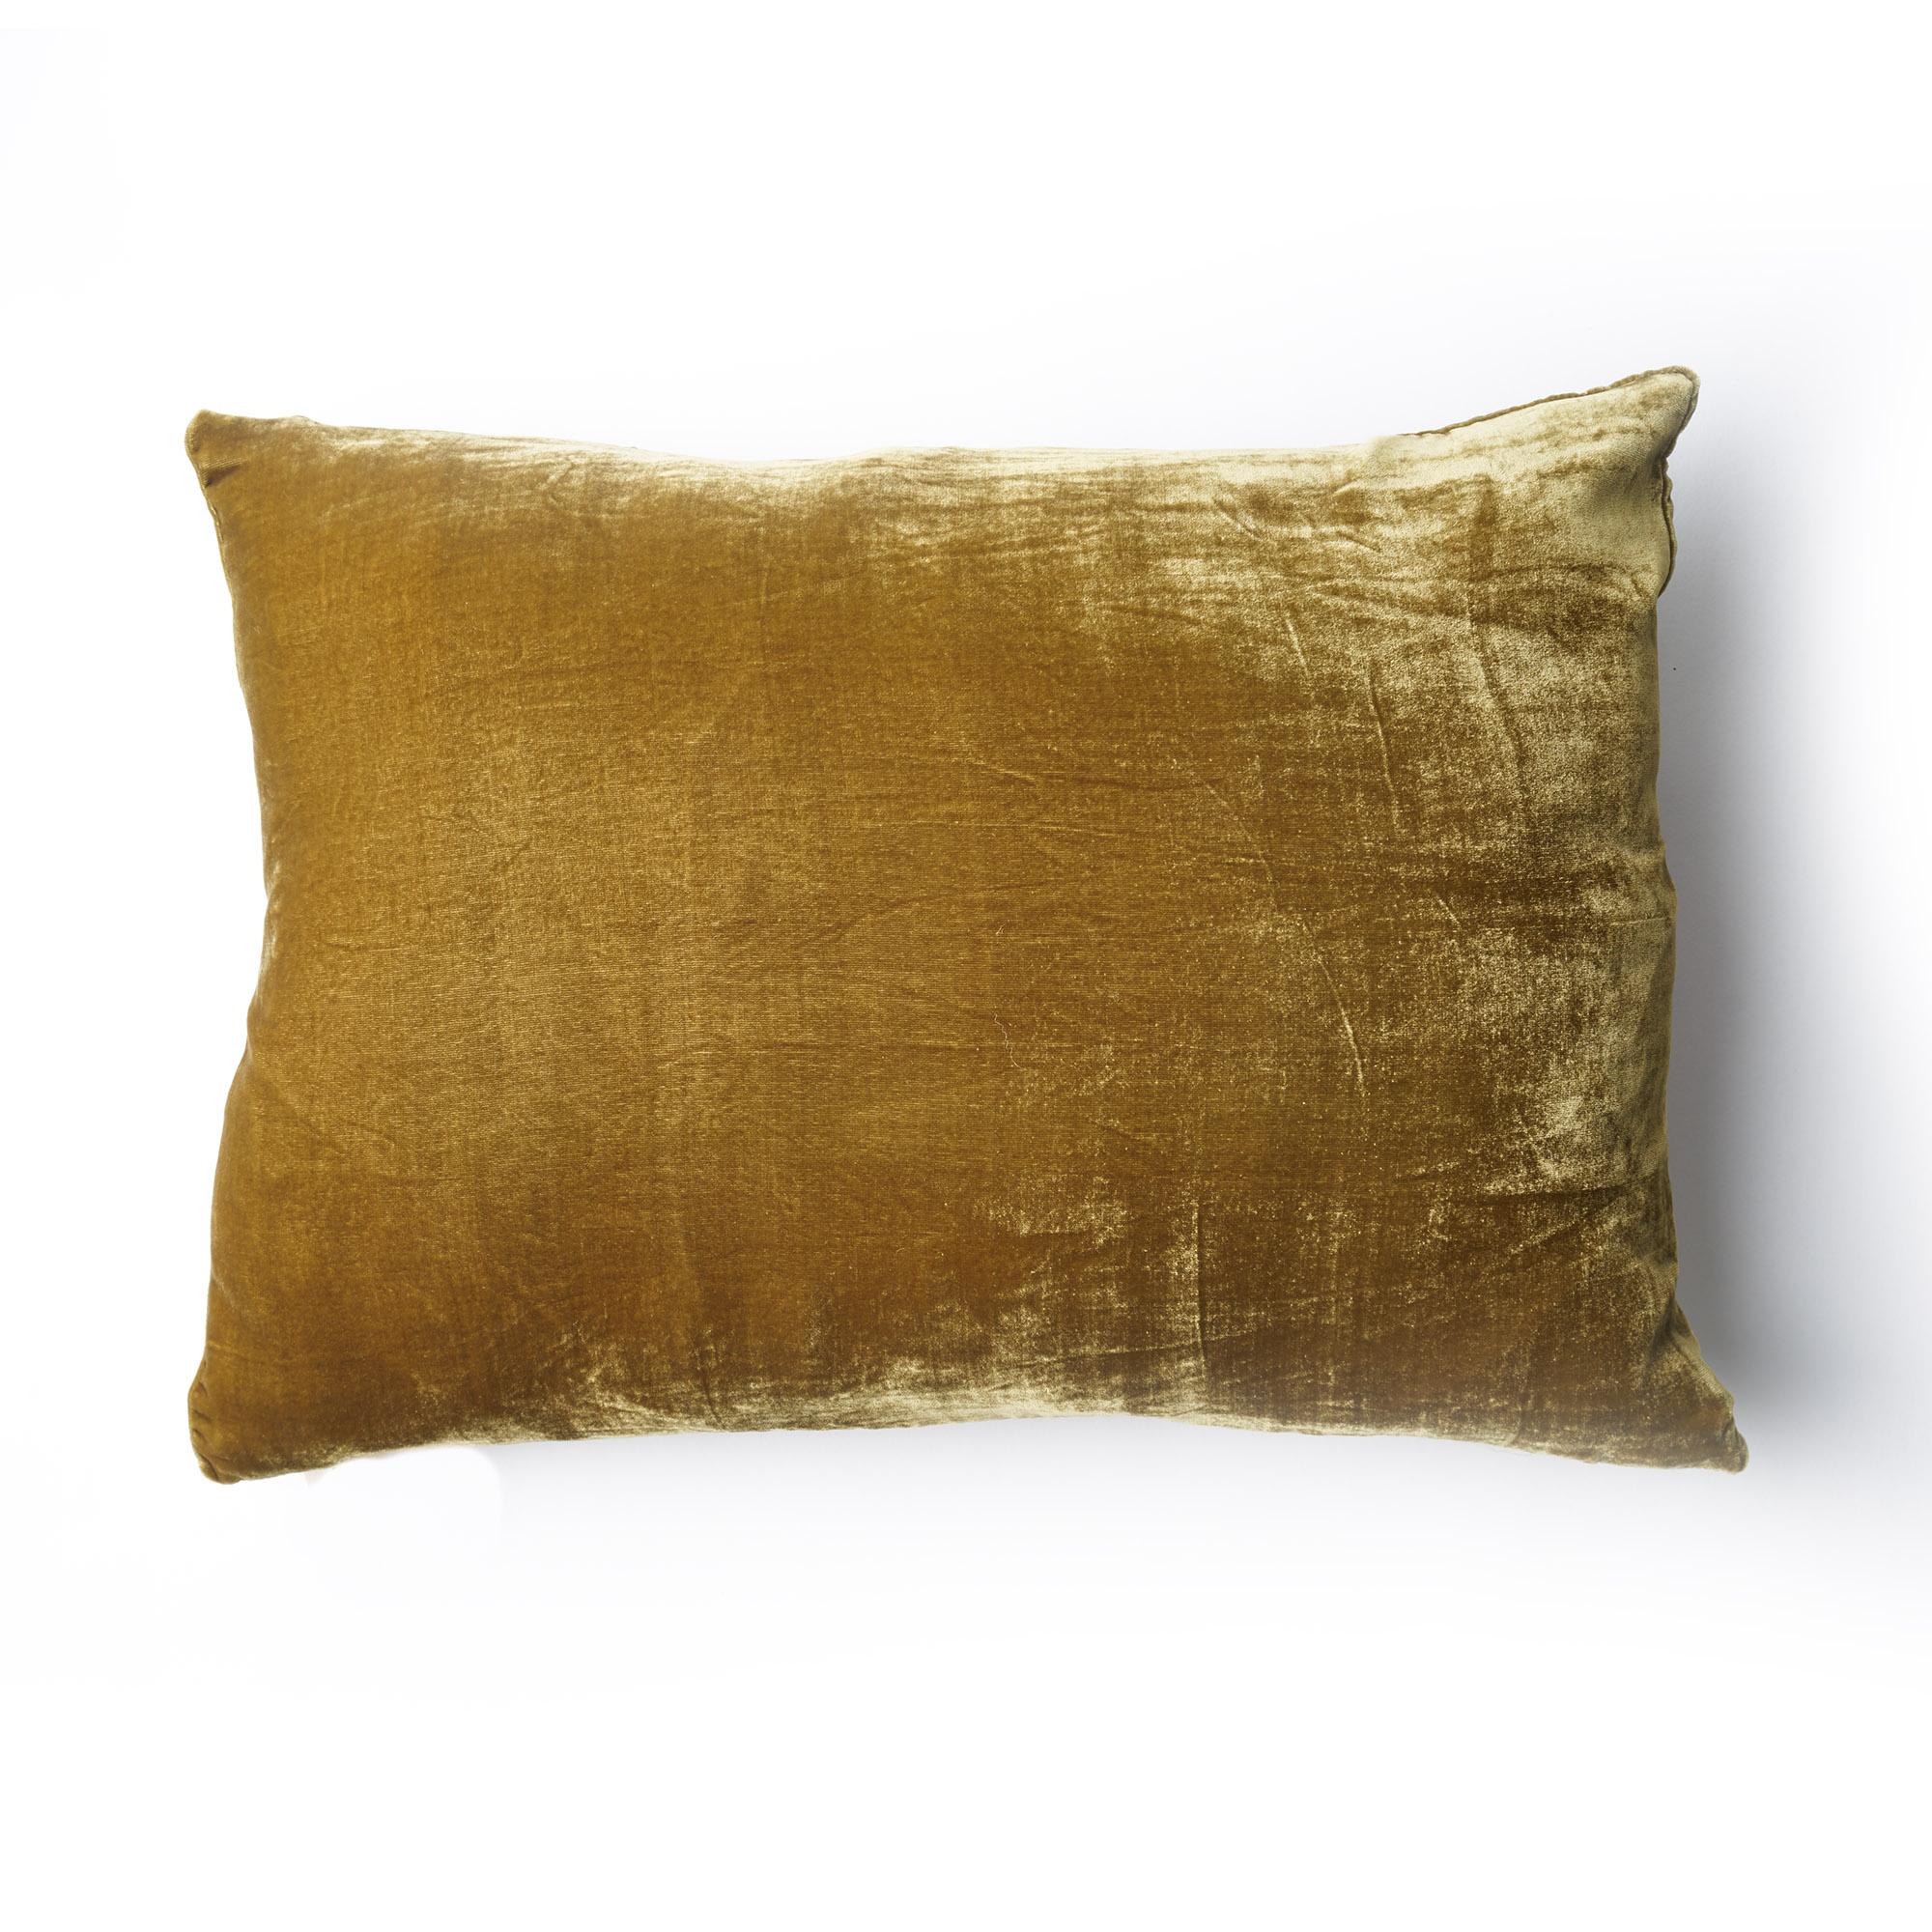 SALE! Almohadón de terciopelo, rectangular, dorado